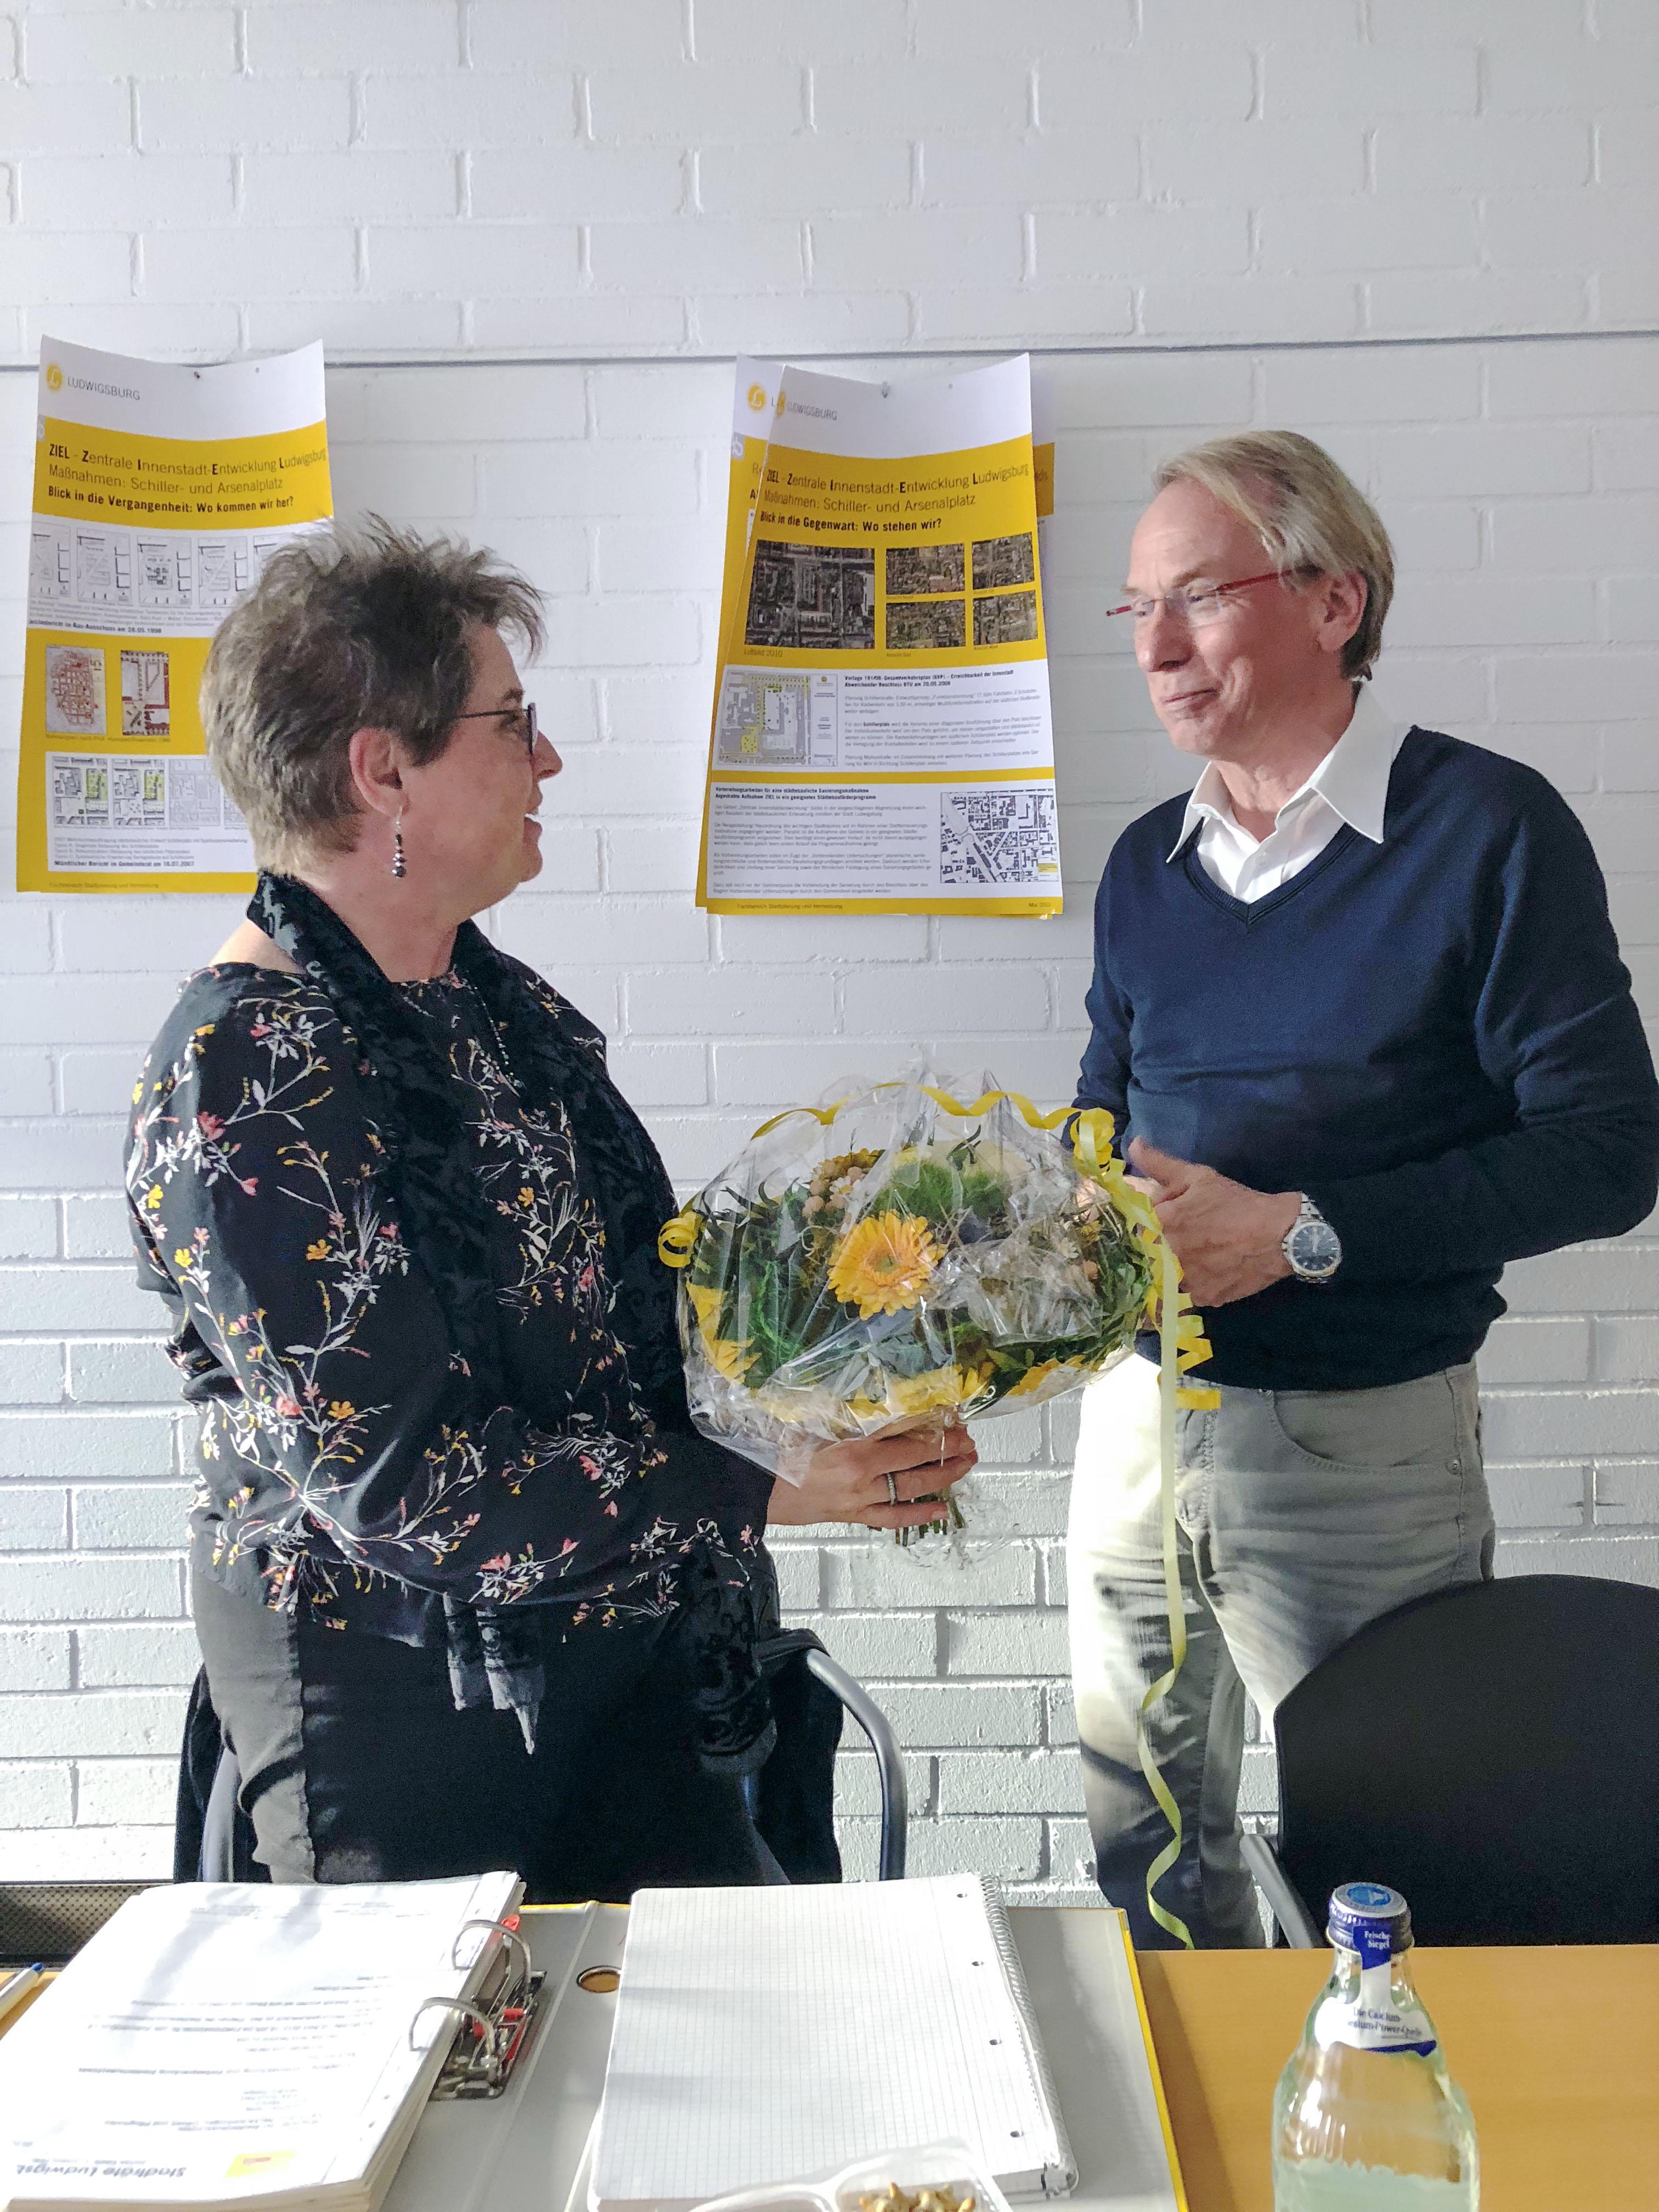 Einen Blumenstrauß überreicht Johann Heer im Namen des Stadtratskollegen Jochen Eisele und des gesamten FDP Vorstandes der neuen Vertreterin der FDP im Stadtteilausschuss, Frau Martini